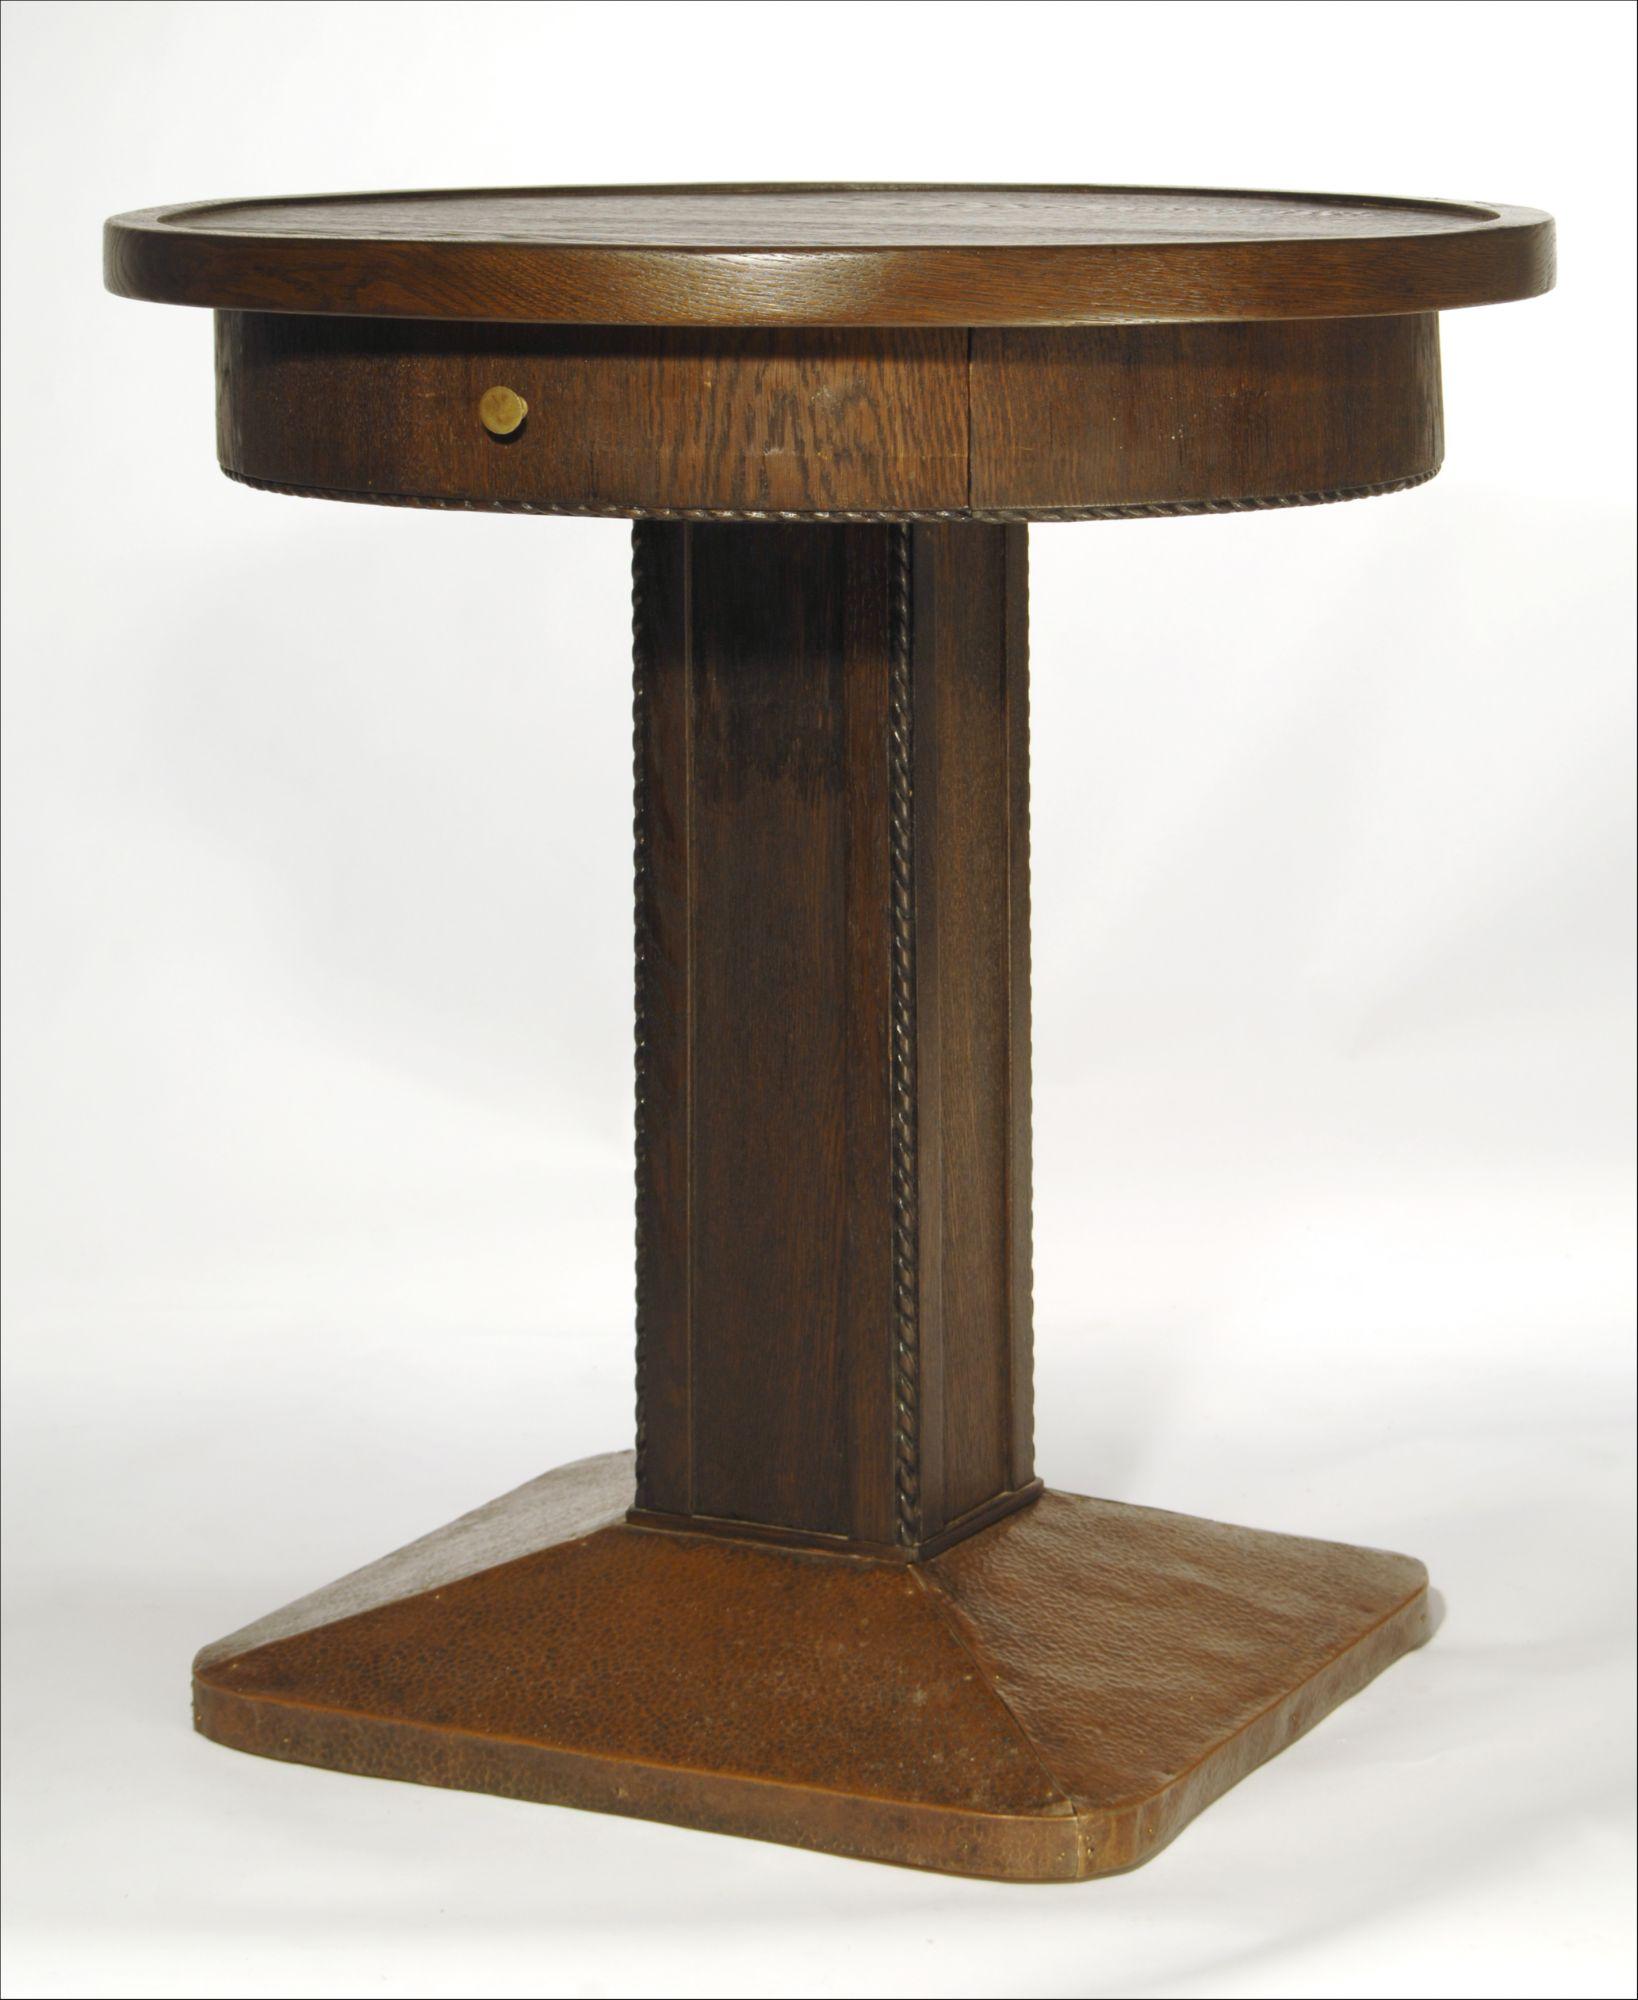 Wondrous Art Nouveau Table Circa 1905 Austro Hungarian Download Free Architecture Designs Photstoregrimeyleaguecom